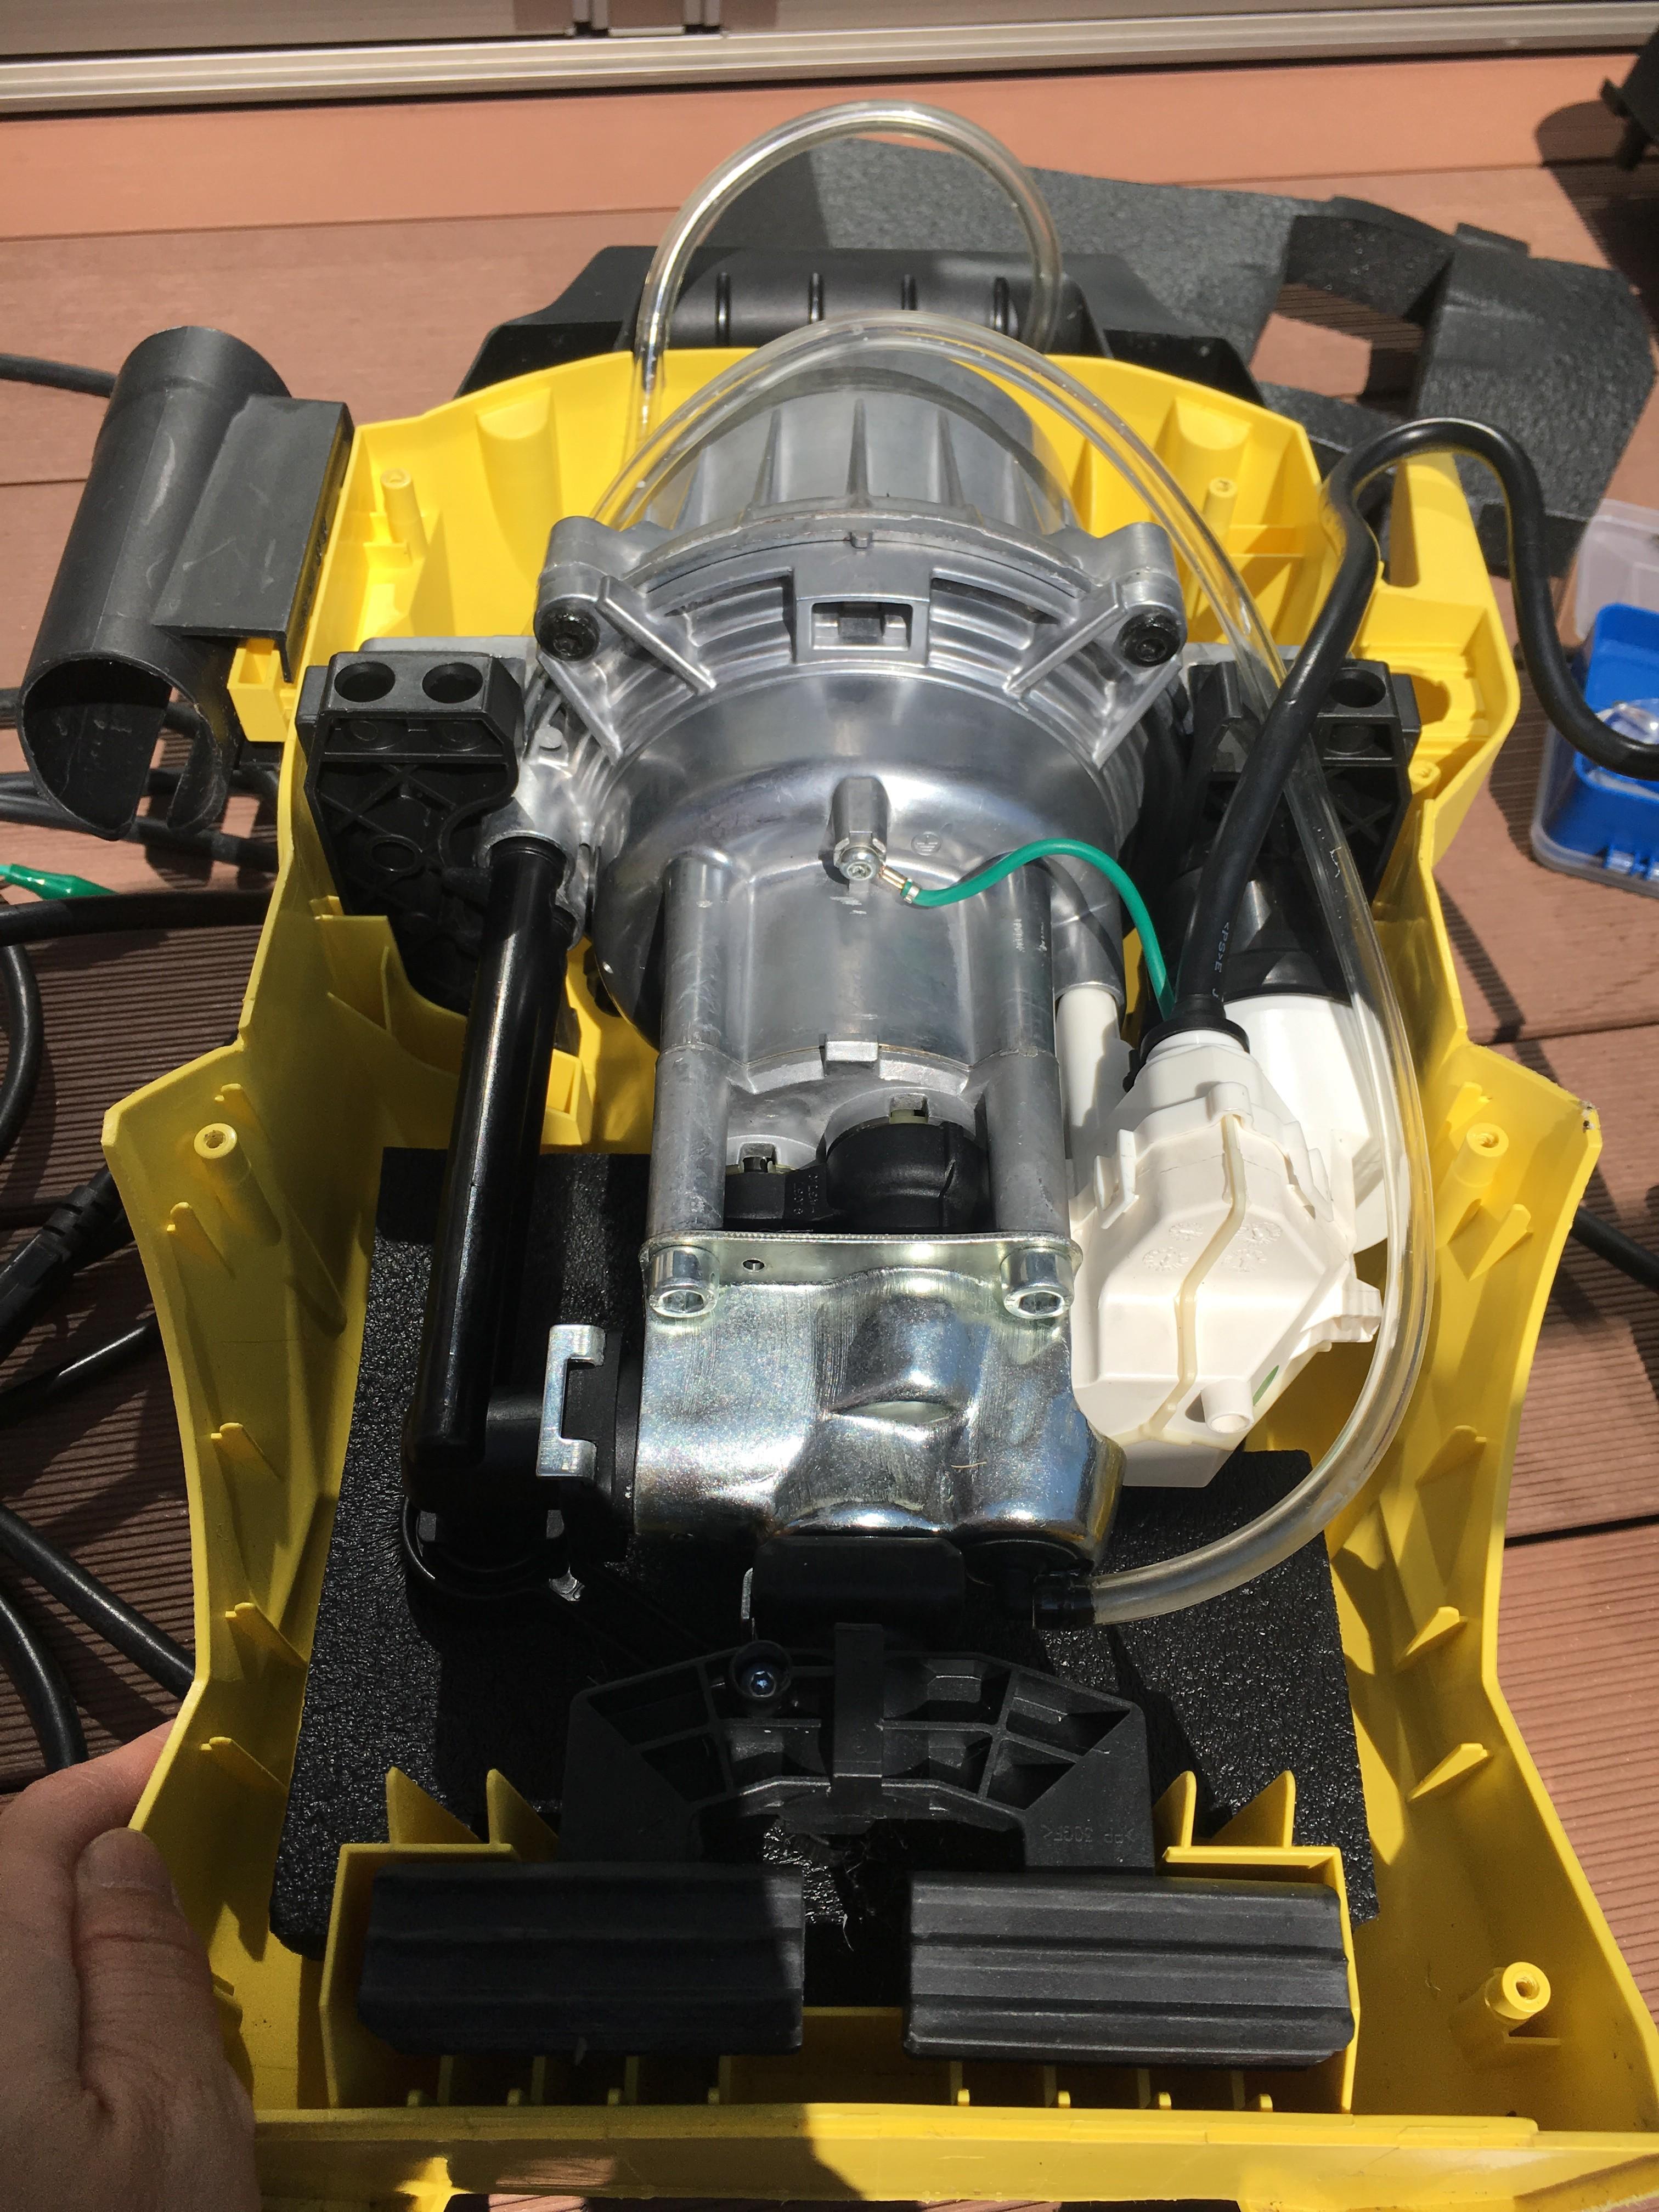 K3 ケルヒャー 【DIY】ケルヒャーK3サイレントベランダを実際に使用してみると・・・